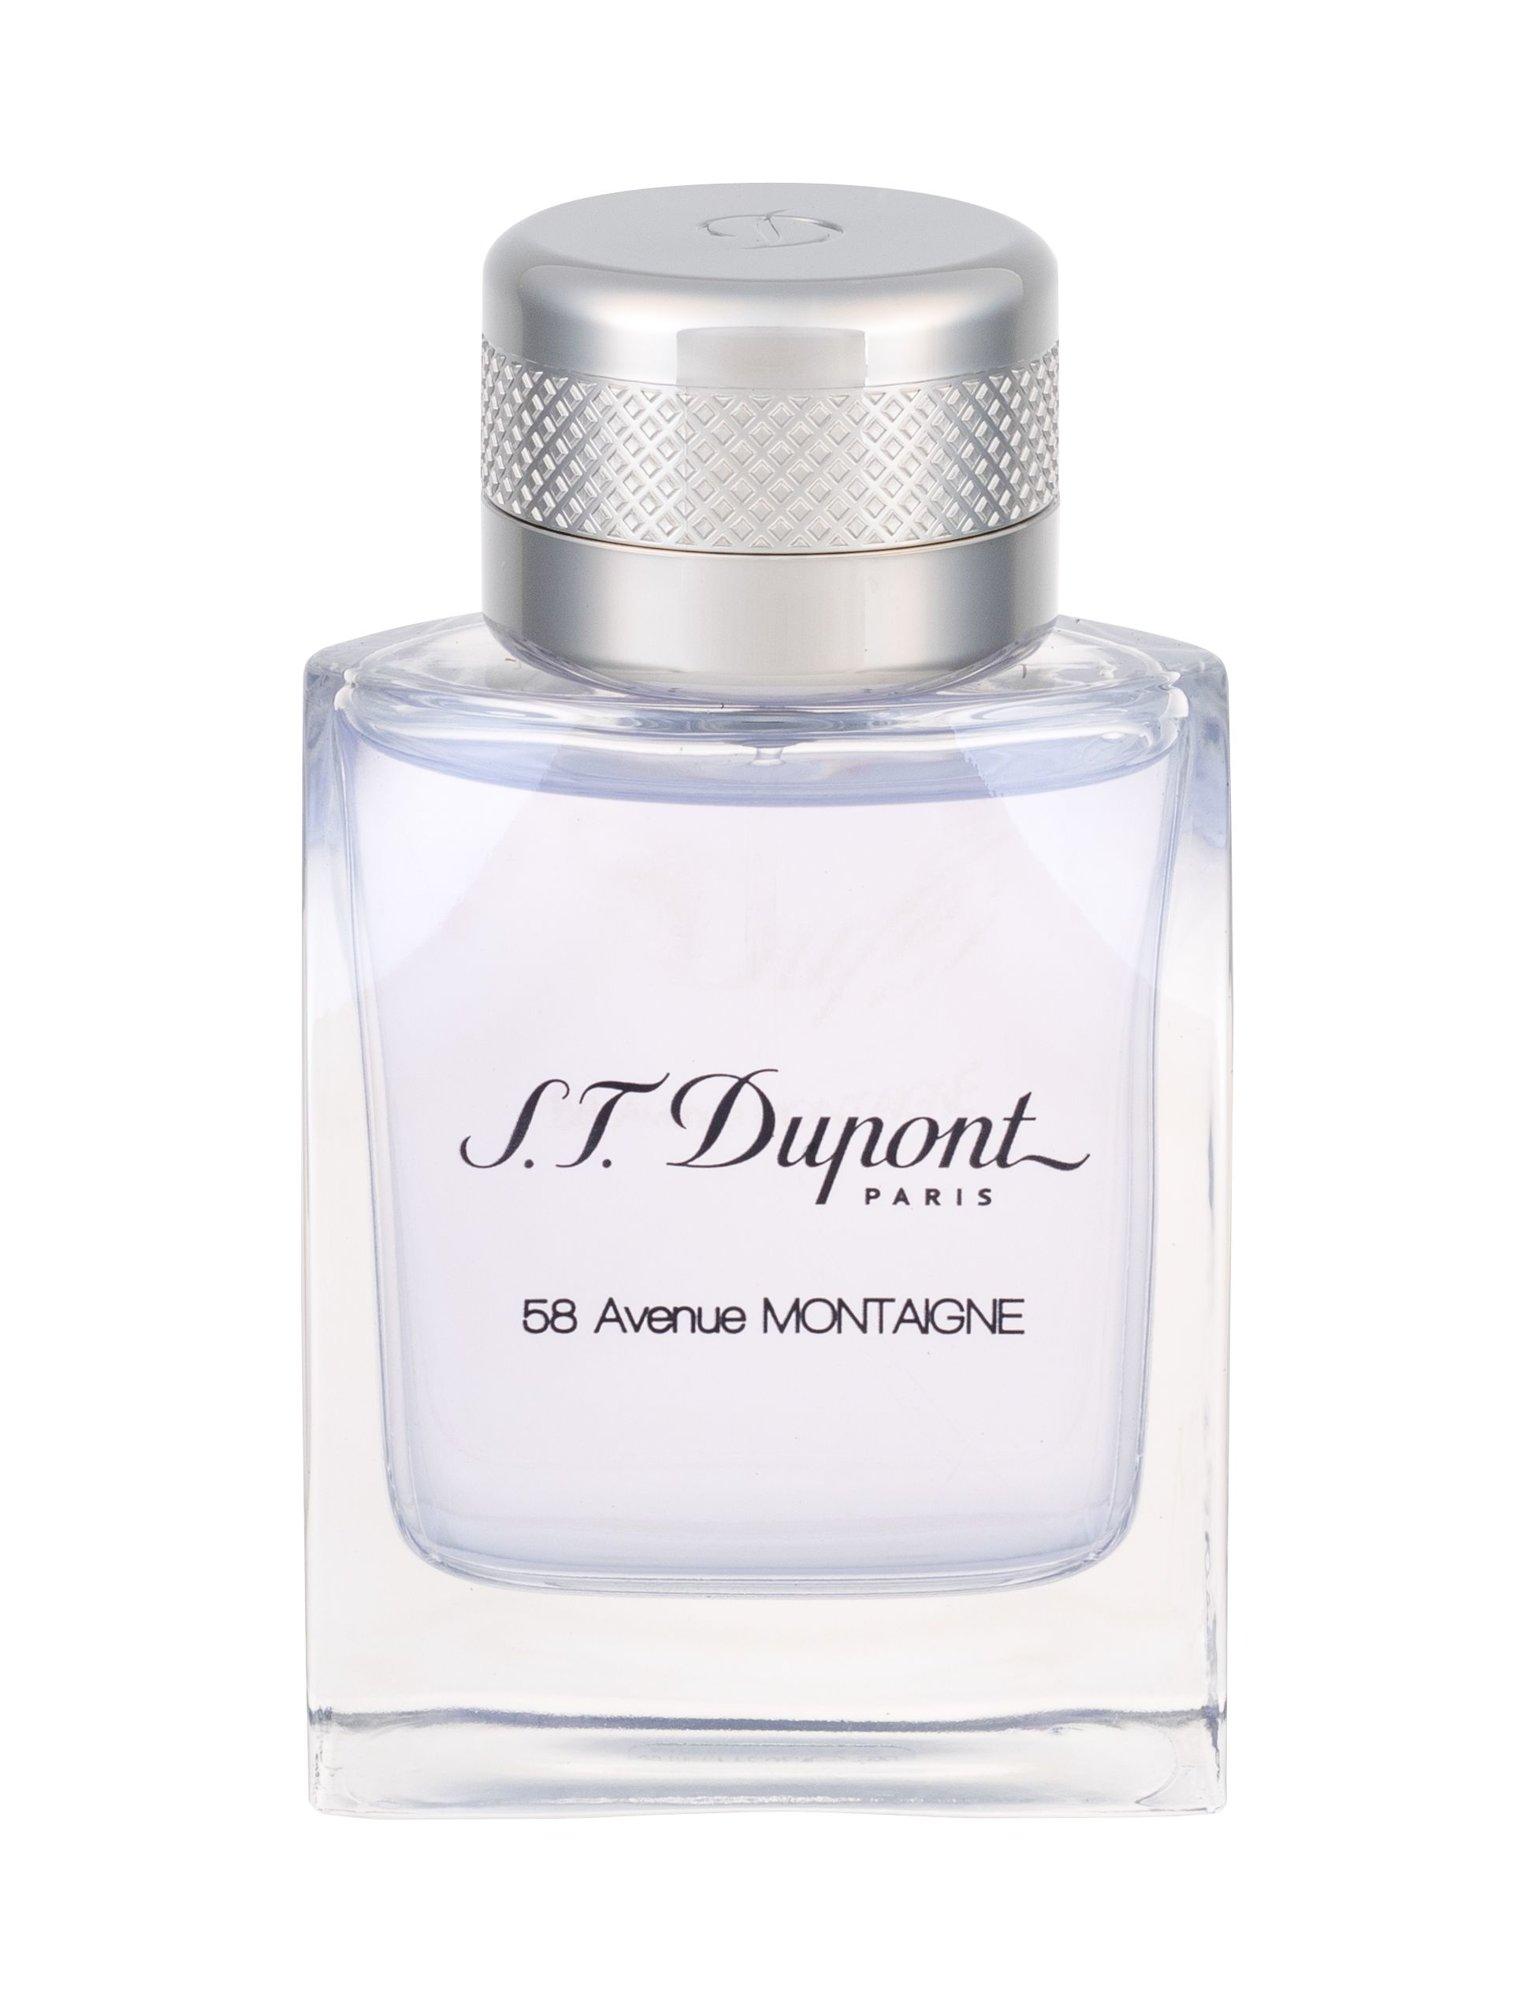 S.T. Dupont 58 Avenue Montaigne Pour Homme EDT 50ml